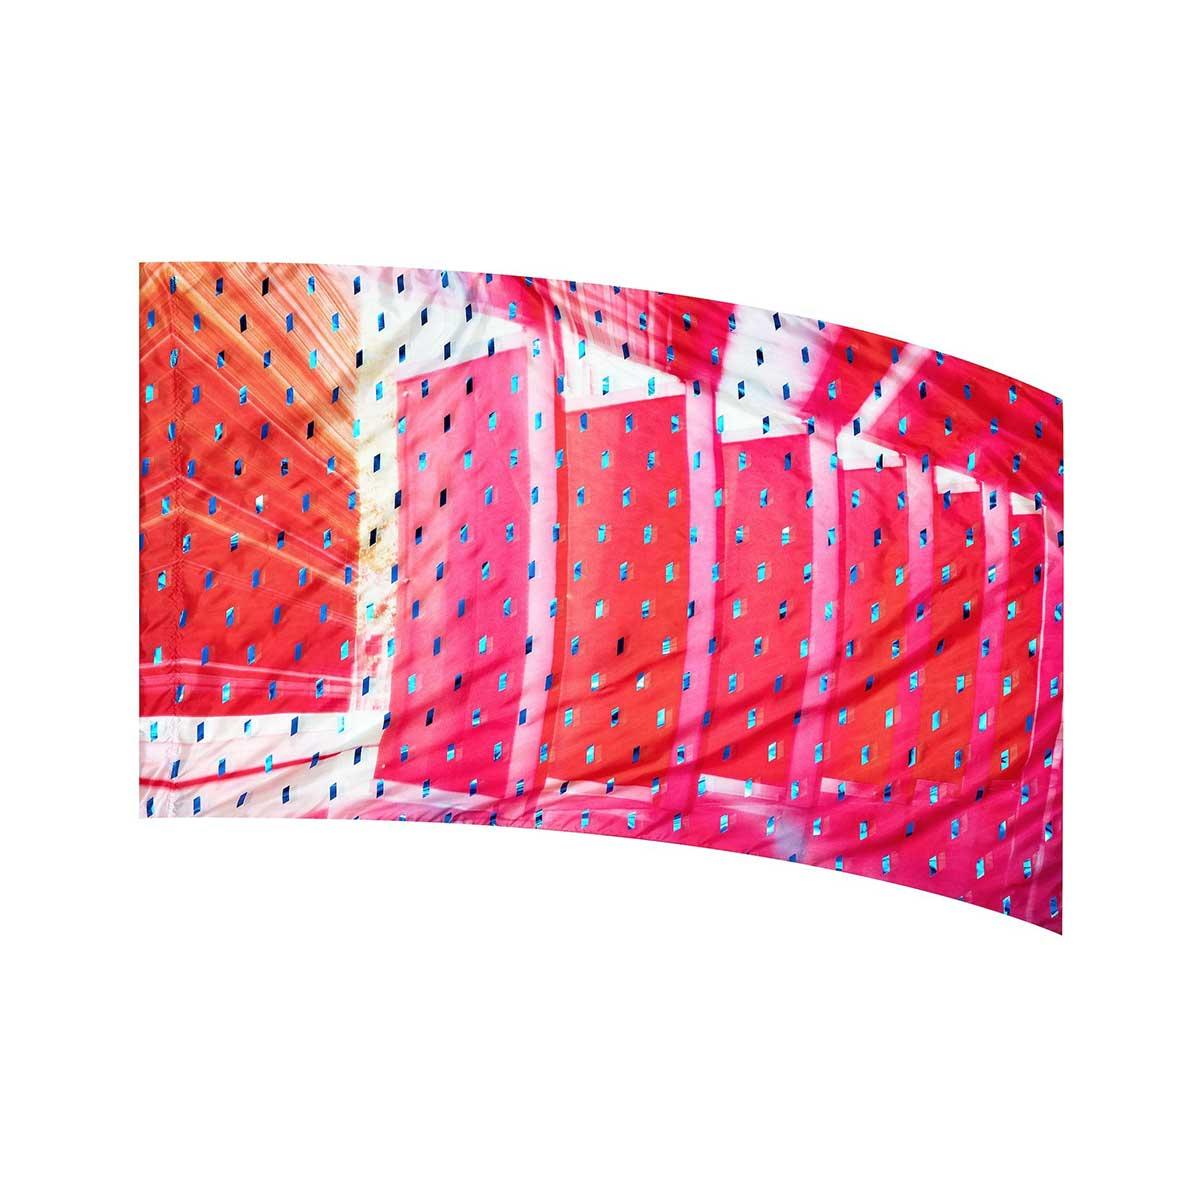 In-Stock Genesis Flags: 1011